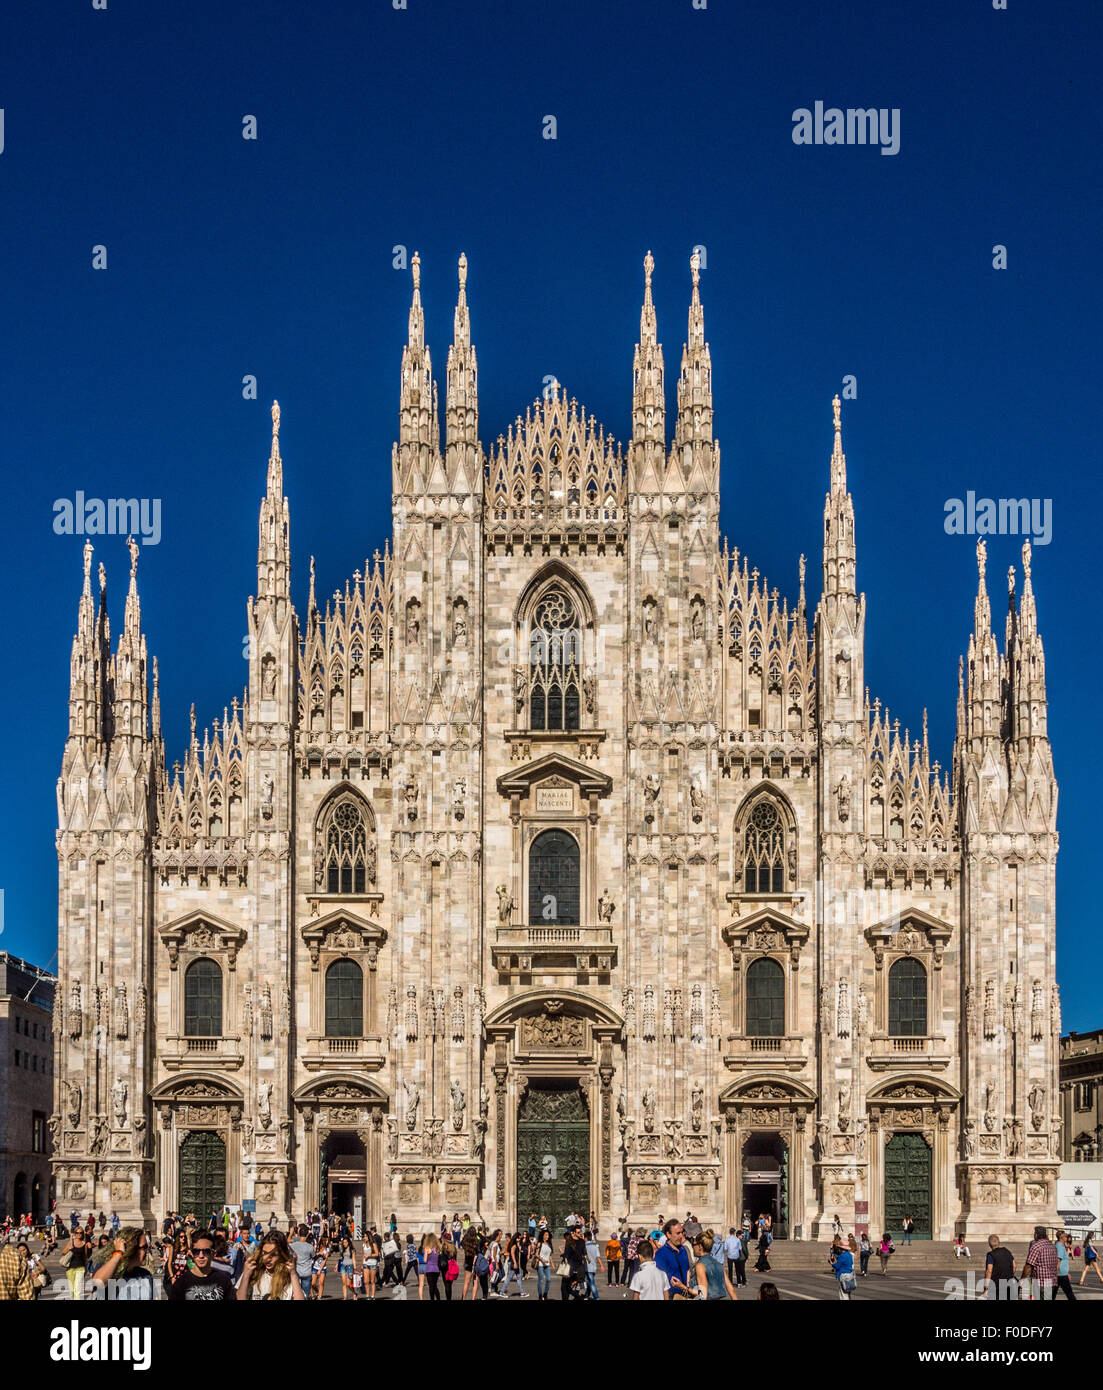 Milan Cathedral, Milan, Italy. - Stock Image